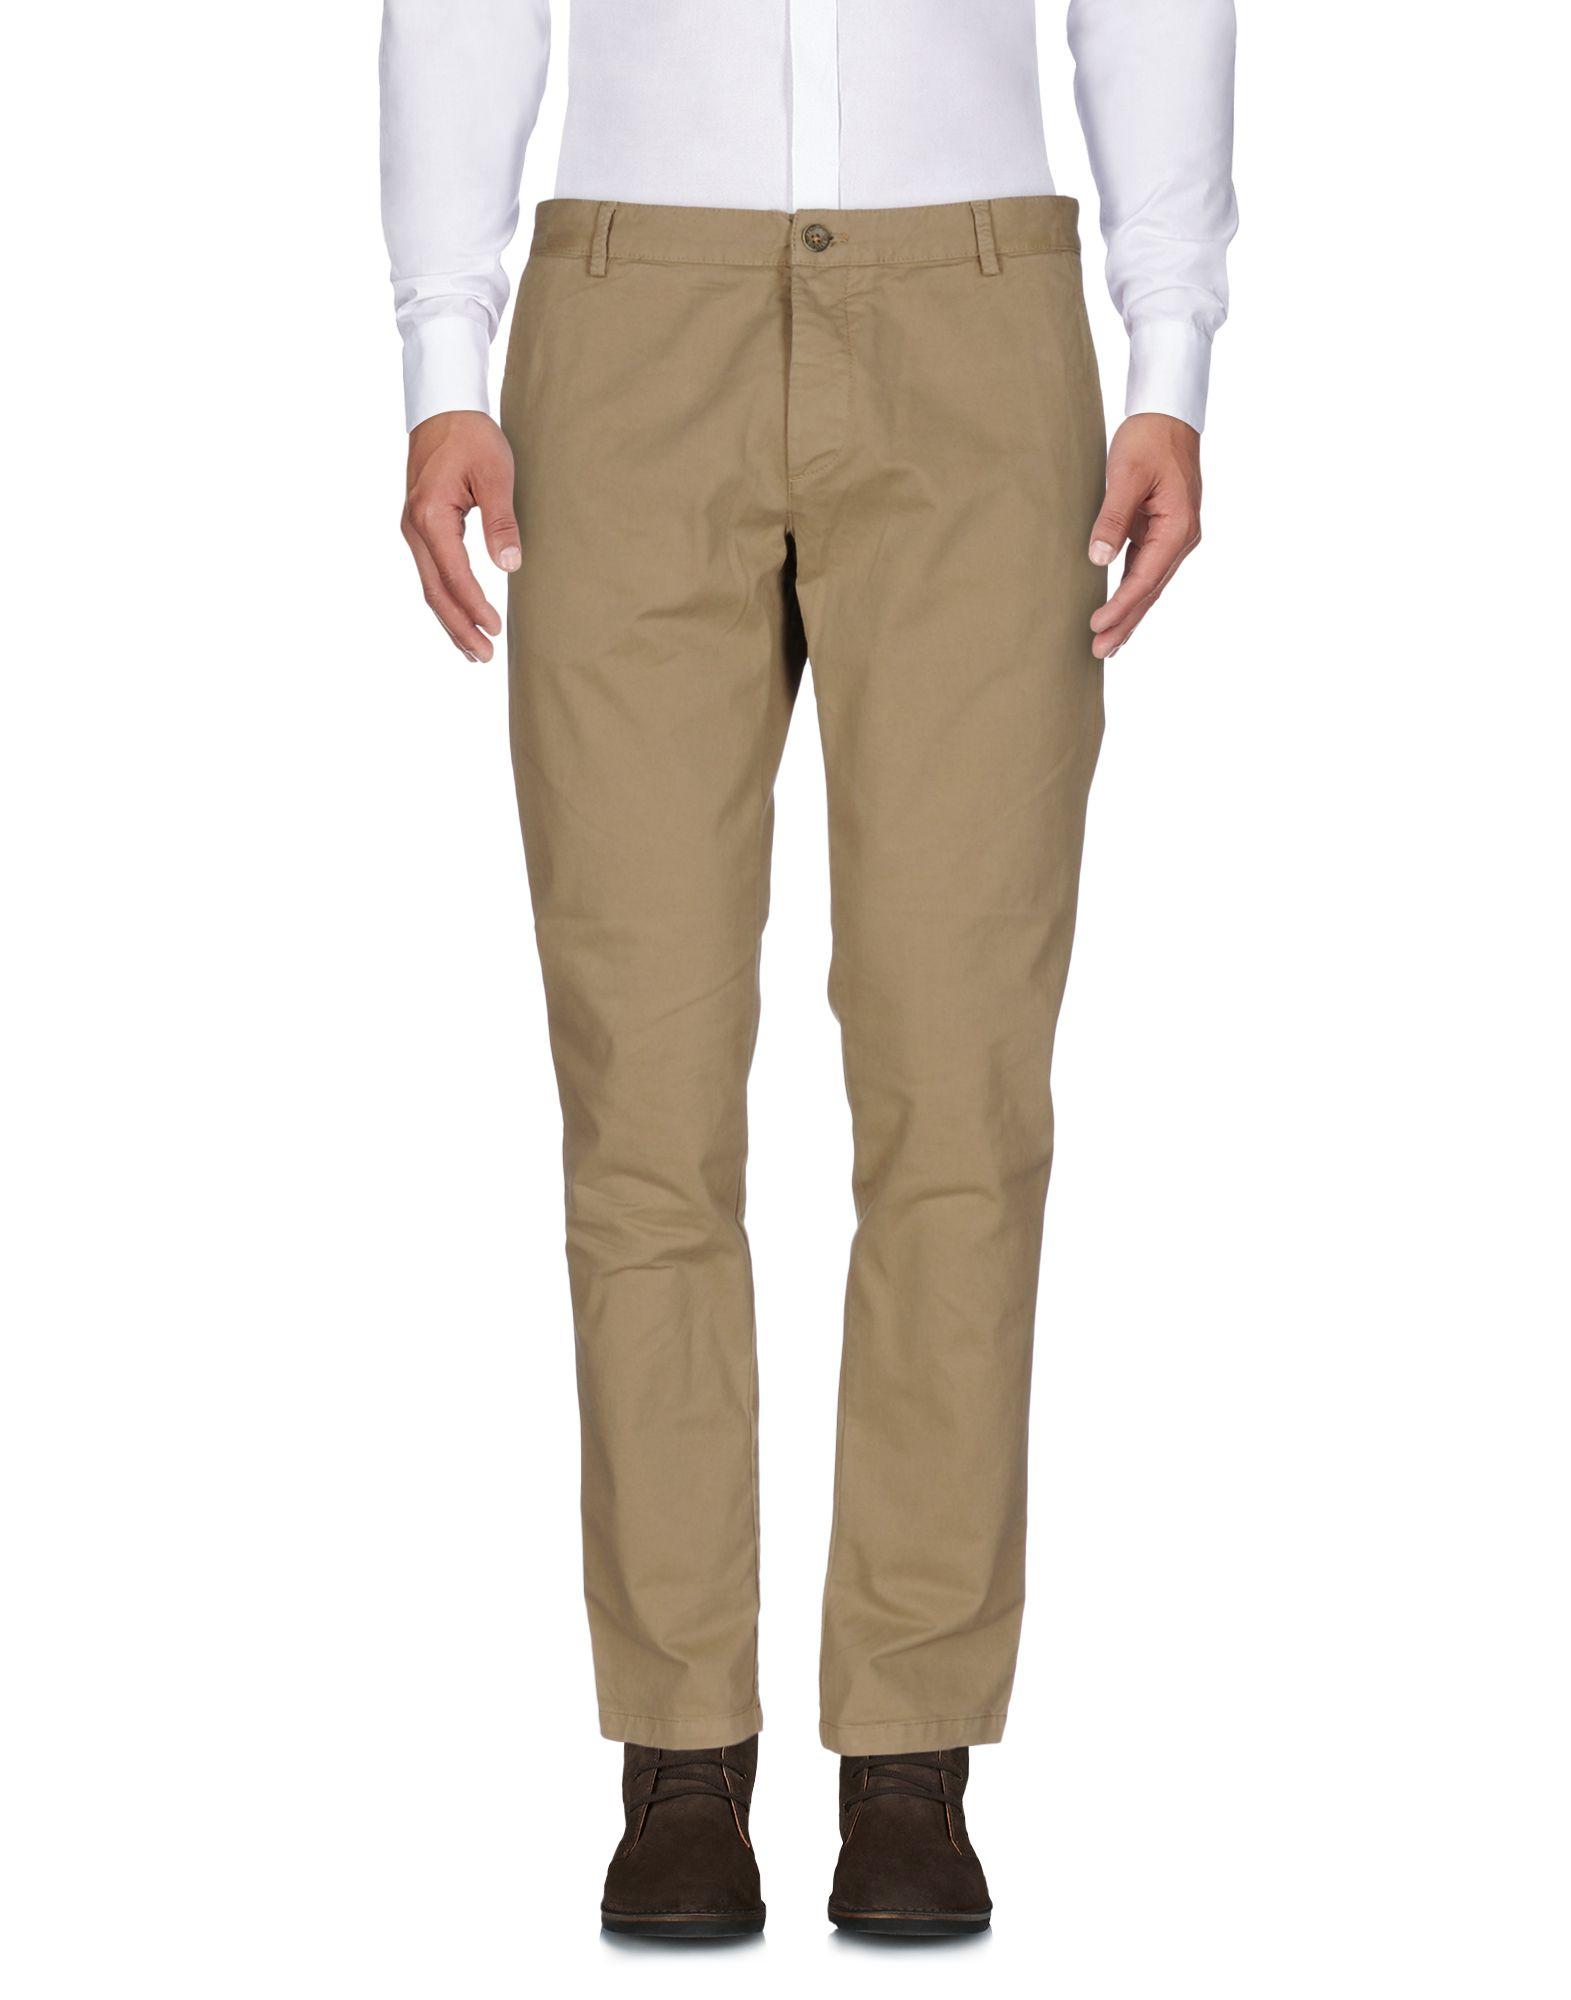 BASICON Повседневные брюки брюки для беременных topshop 4 22